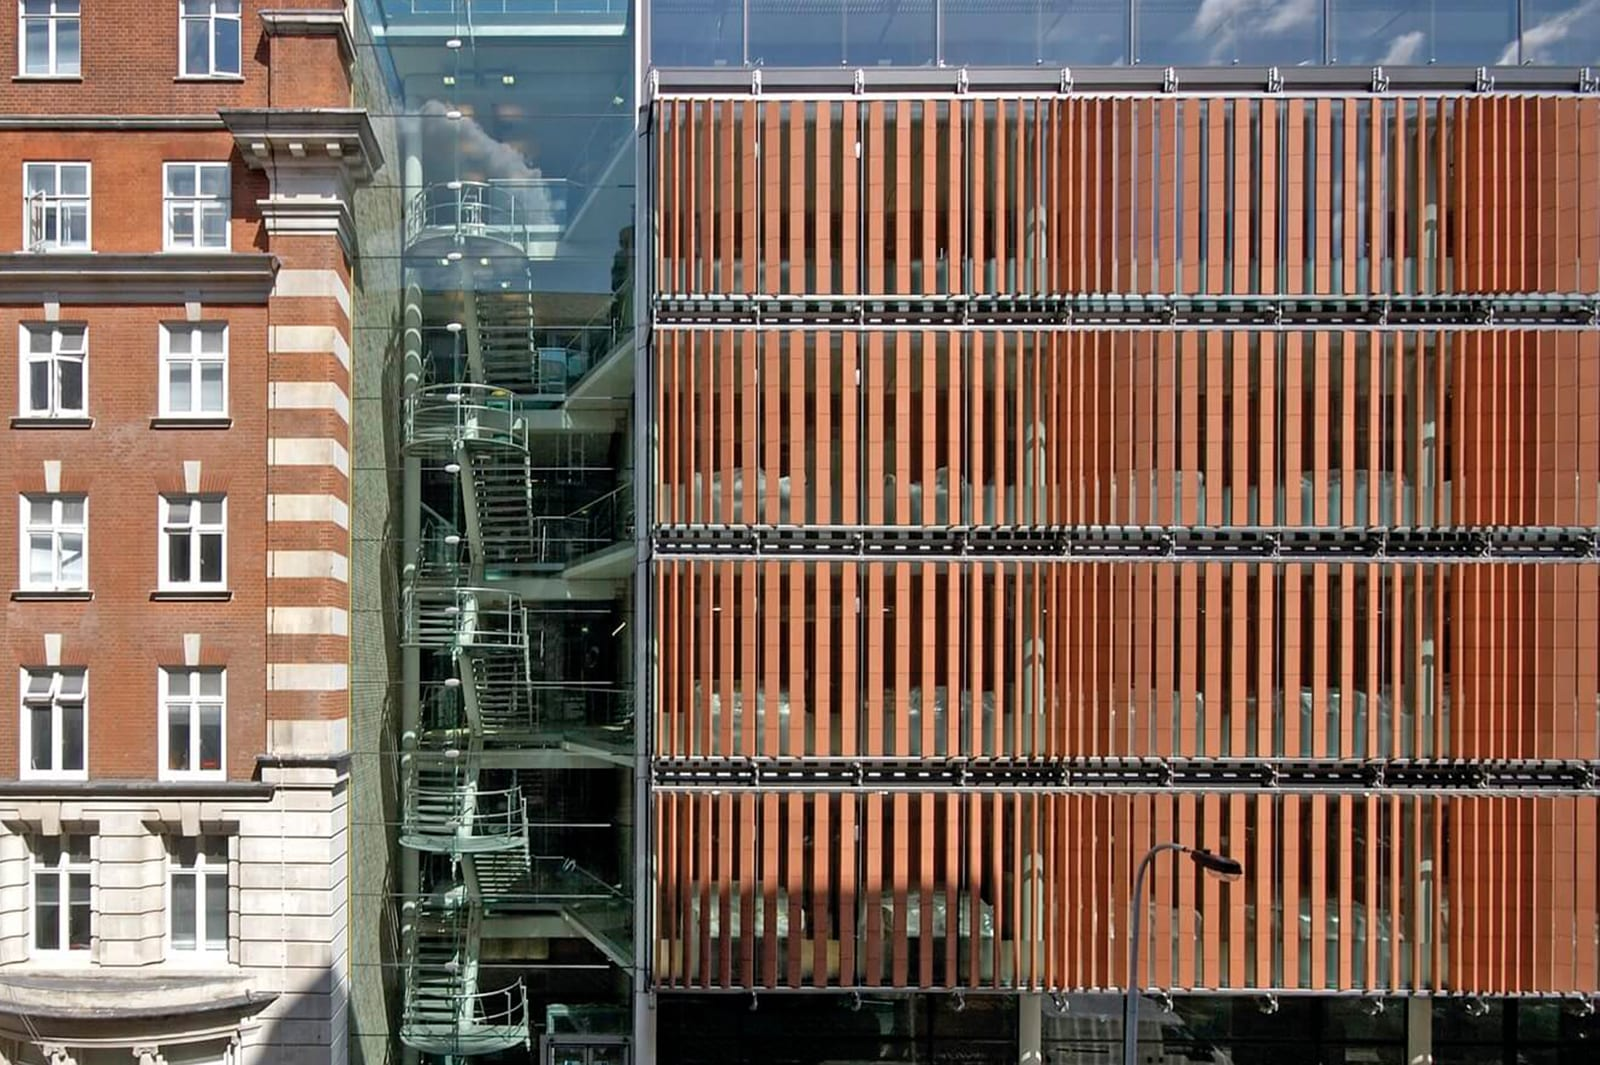 Instituto de Cáncer UCL